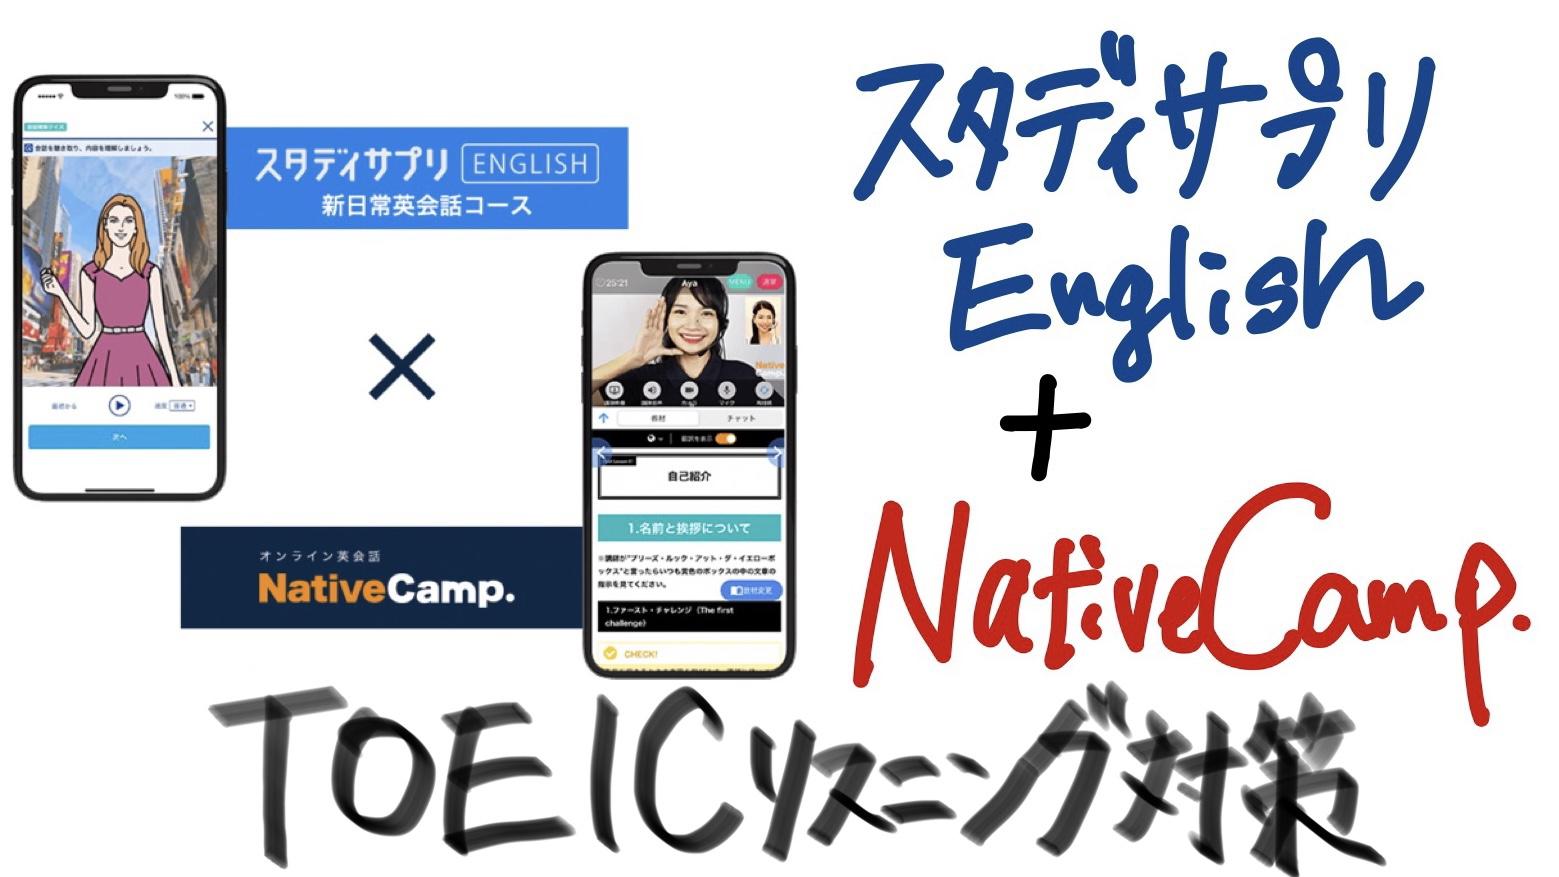 スタディサプリEnglish新日常英会話コースの英会話セットプランでNativeCamp.がお得に活用できる